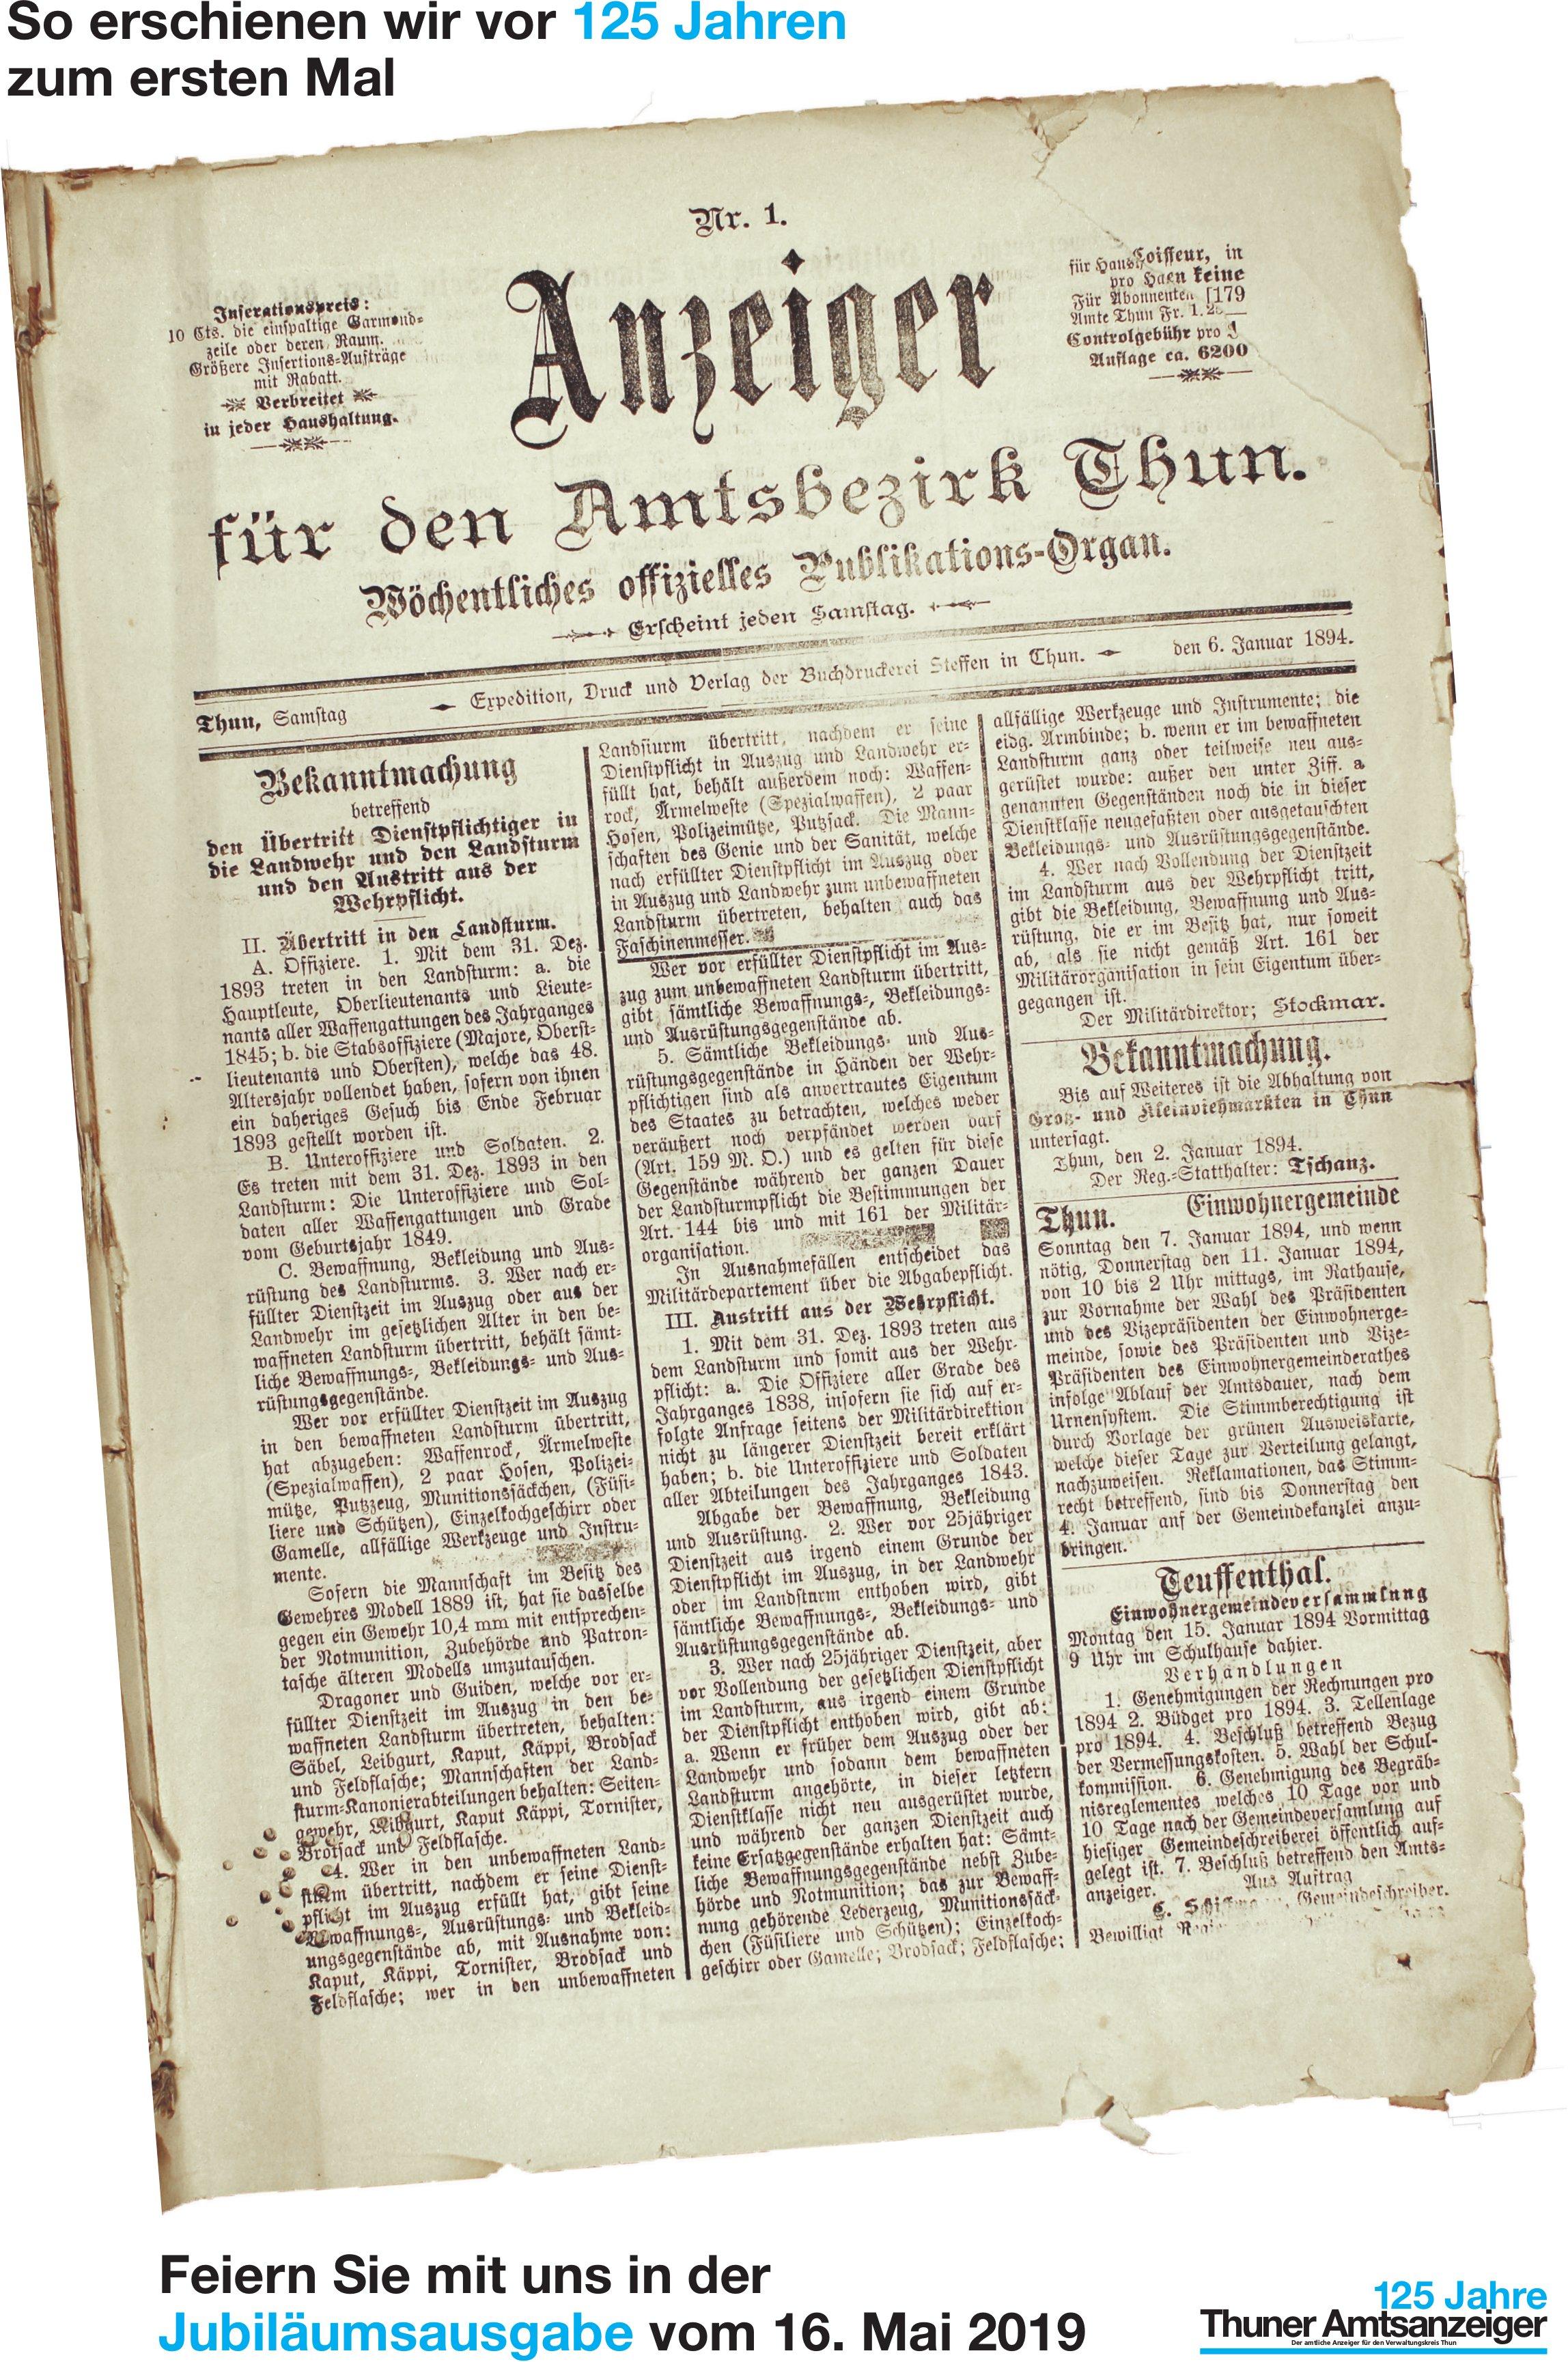 Thuner Amtsanzeiger - Feiern Sie mit uns in der Jubiläumsausgabe vom 16. Mai 2019